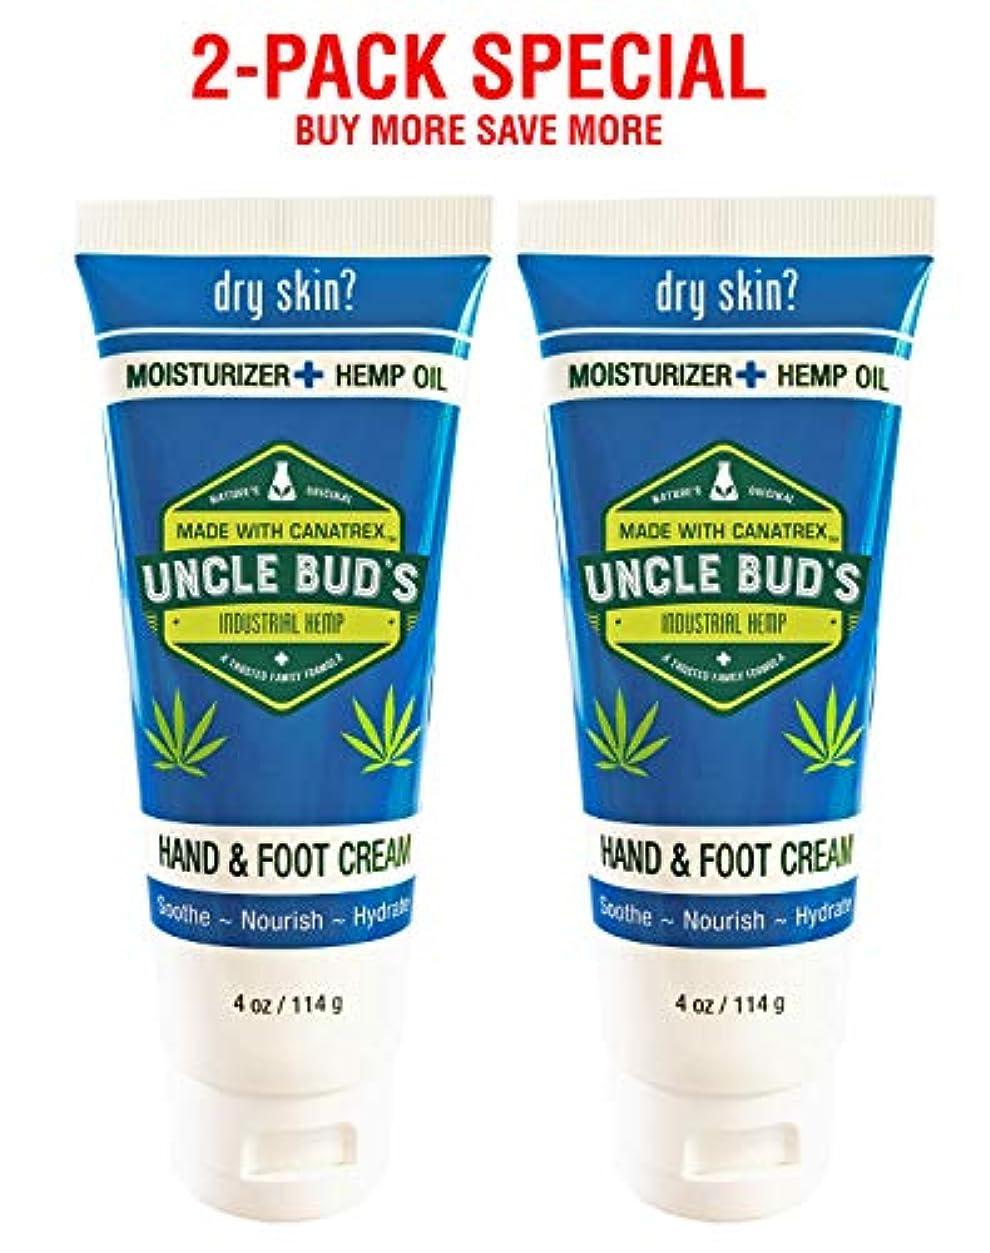 孤独なアラームテニスUncle Bud's 2-Pack Special - Hand and Foot Cream HEMP Oil - 4oz per tube